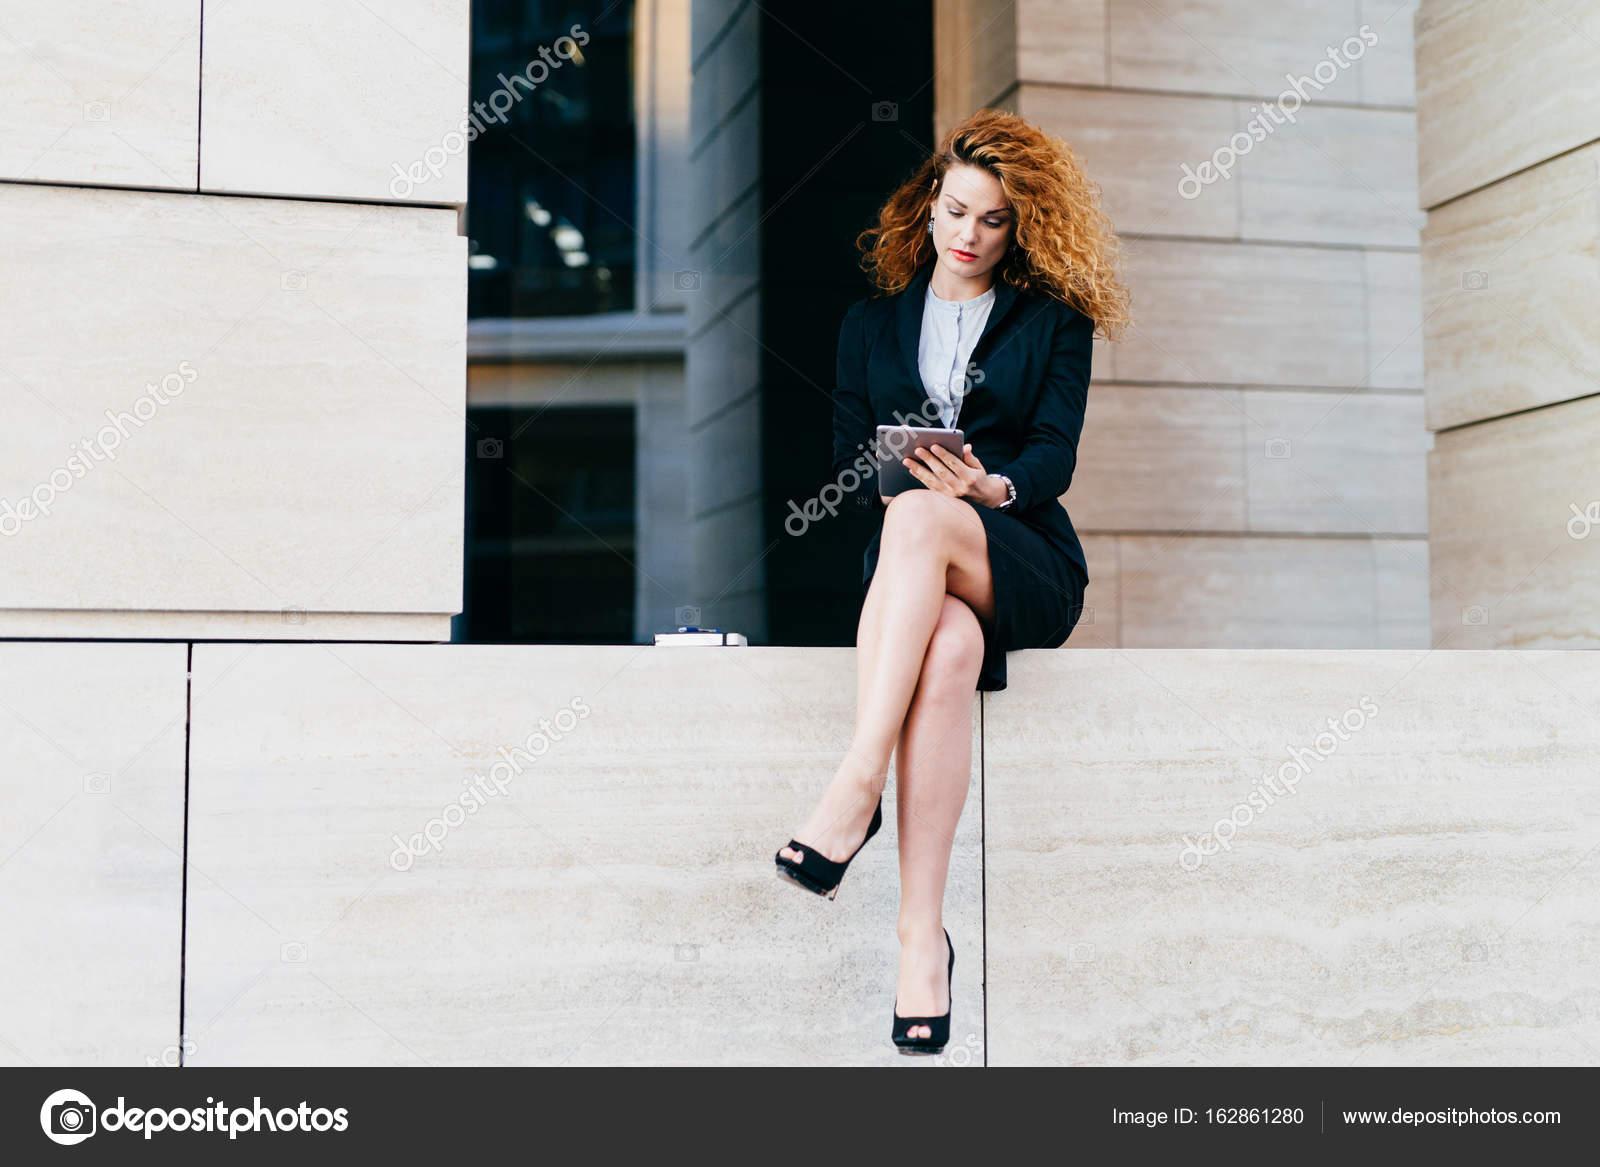 Femme Des Avec Mannequin Cheveux Jeune BouclésPortant Costume vmNw80n